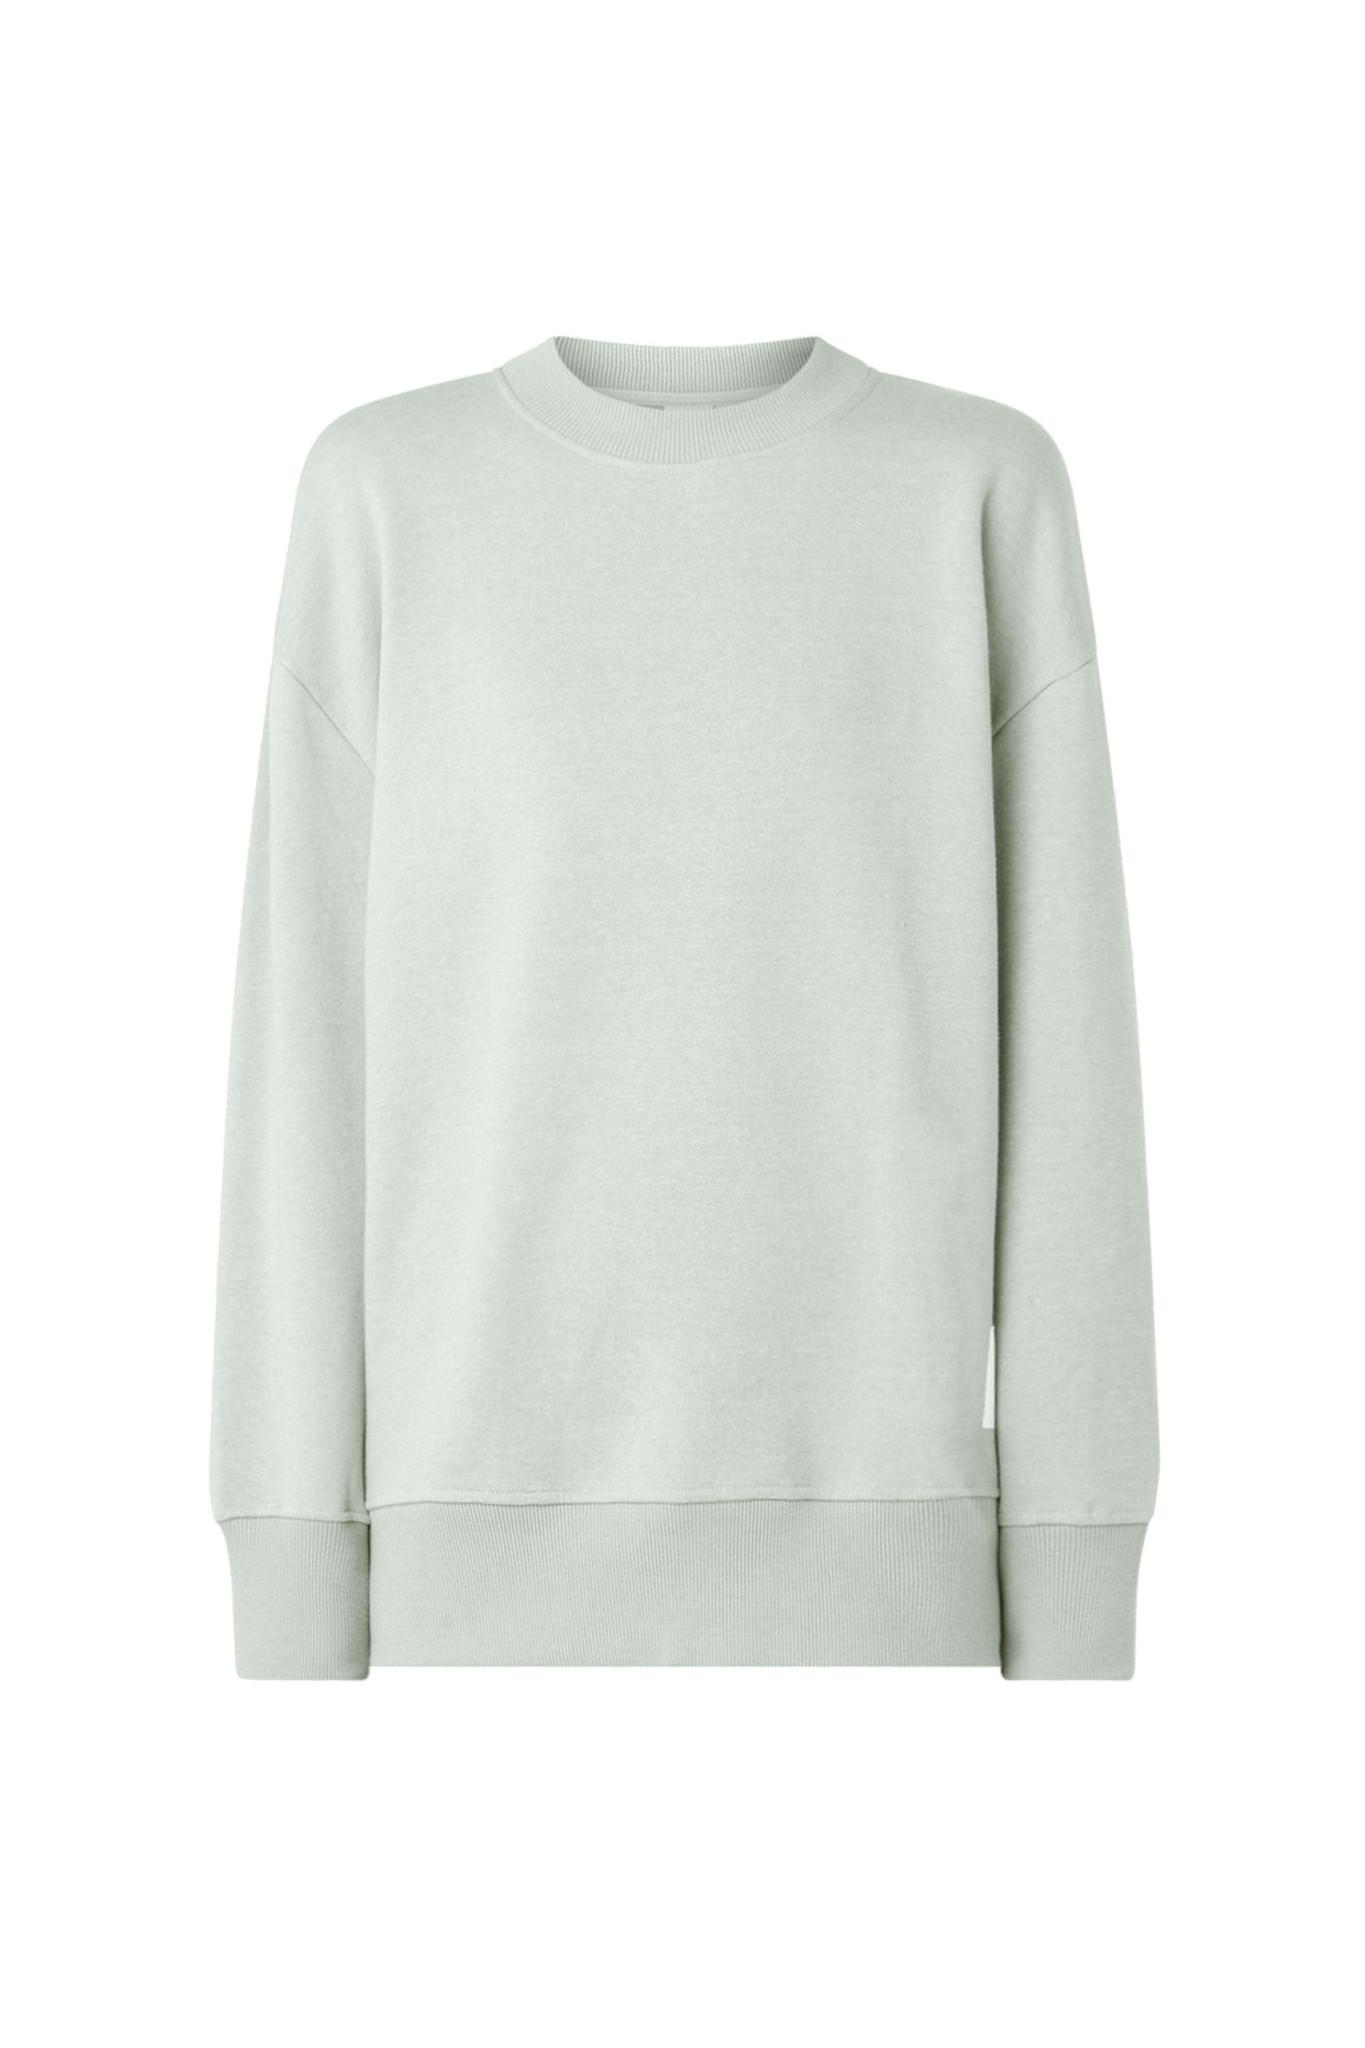 Kylie Sweater - Sage Groen-1